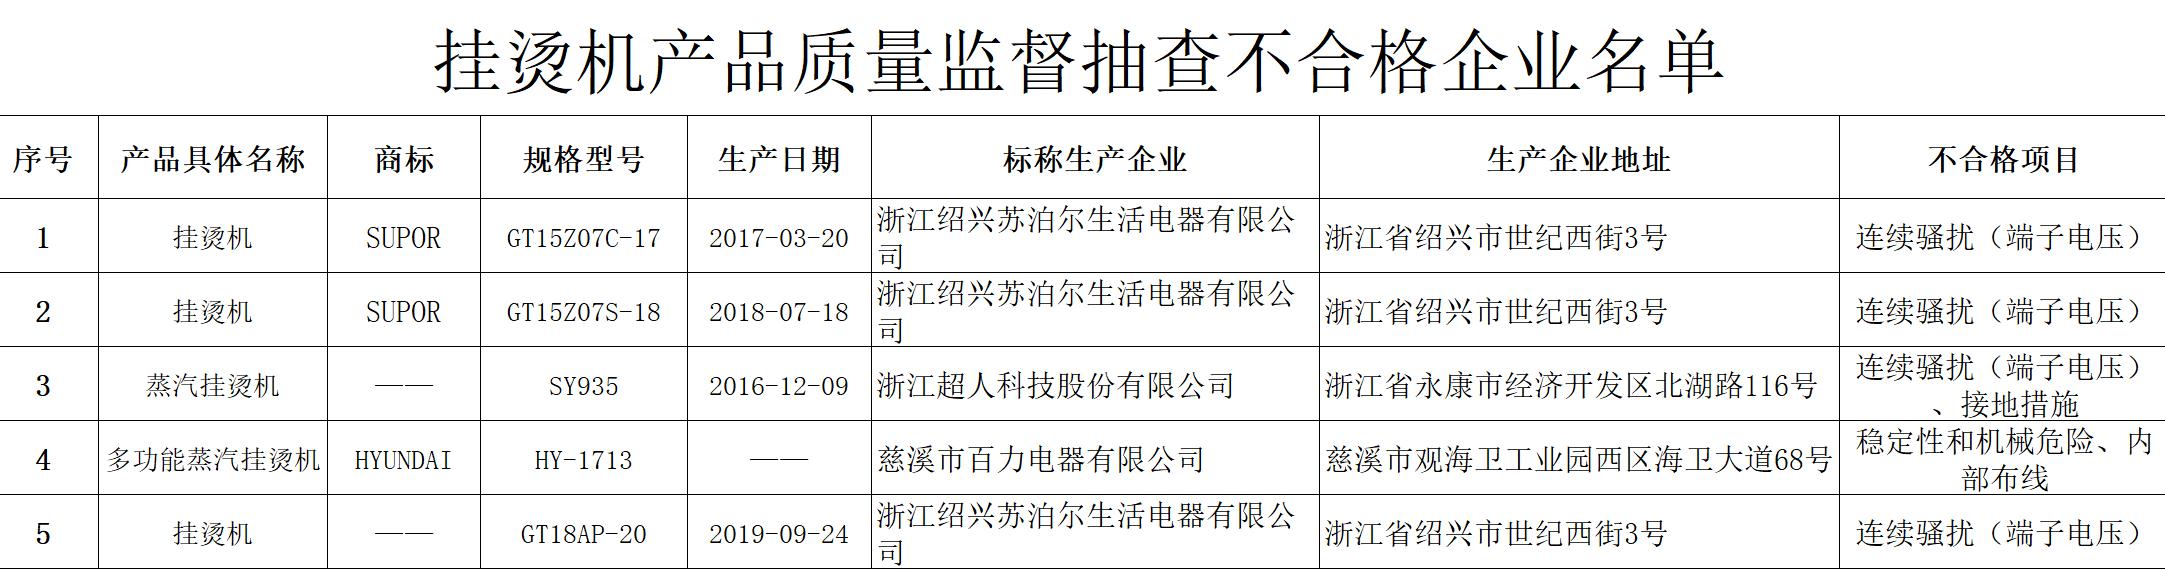 5批次挂烫机抽检不合格 涉苏泊尔、超人科技、百力电器等企业